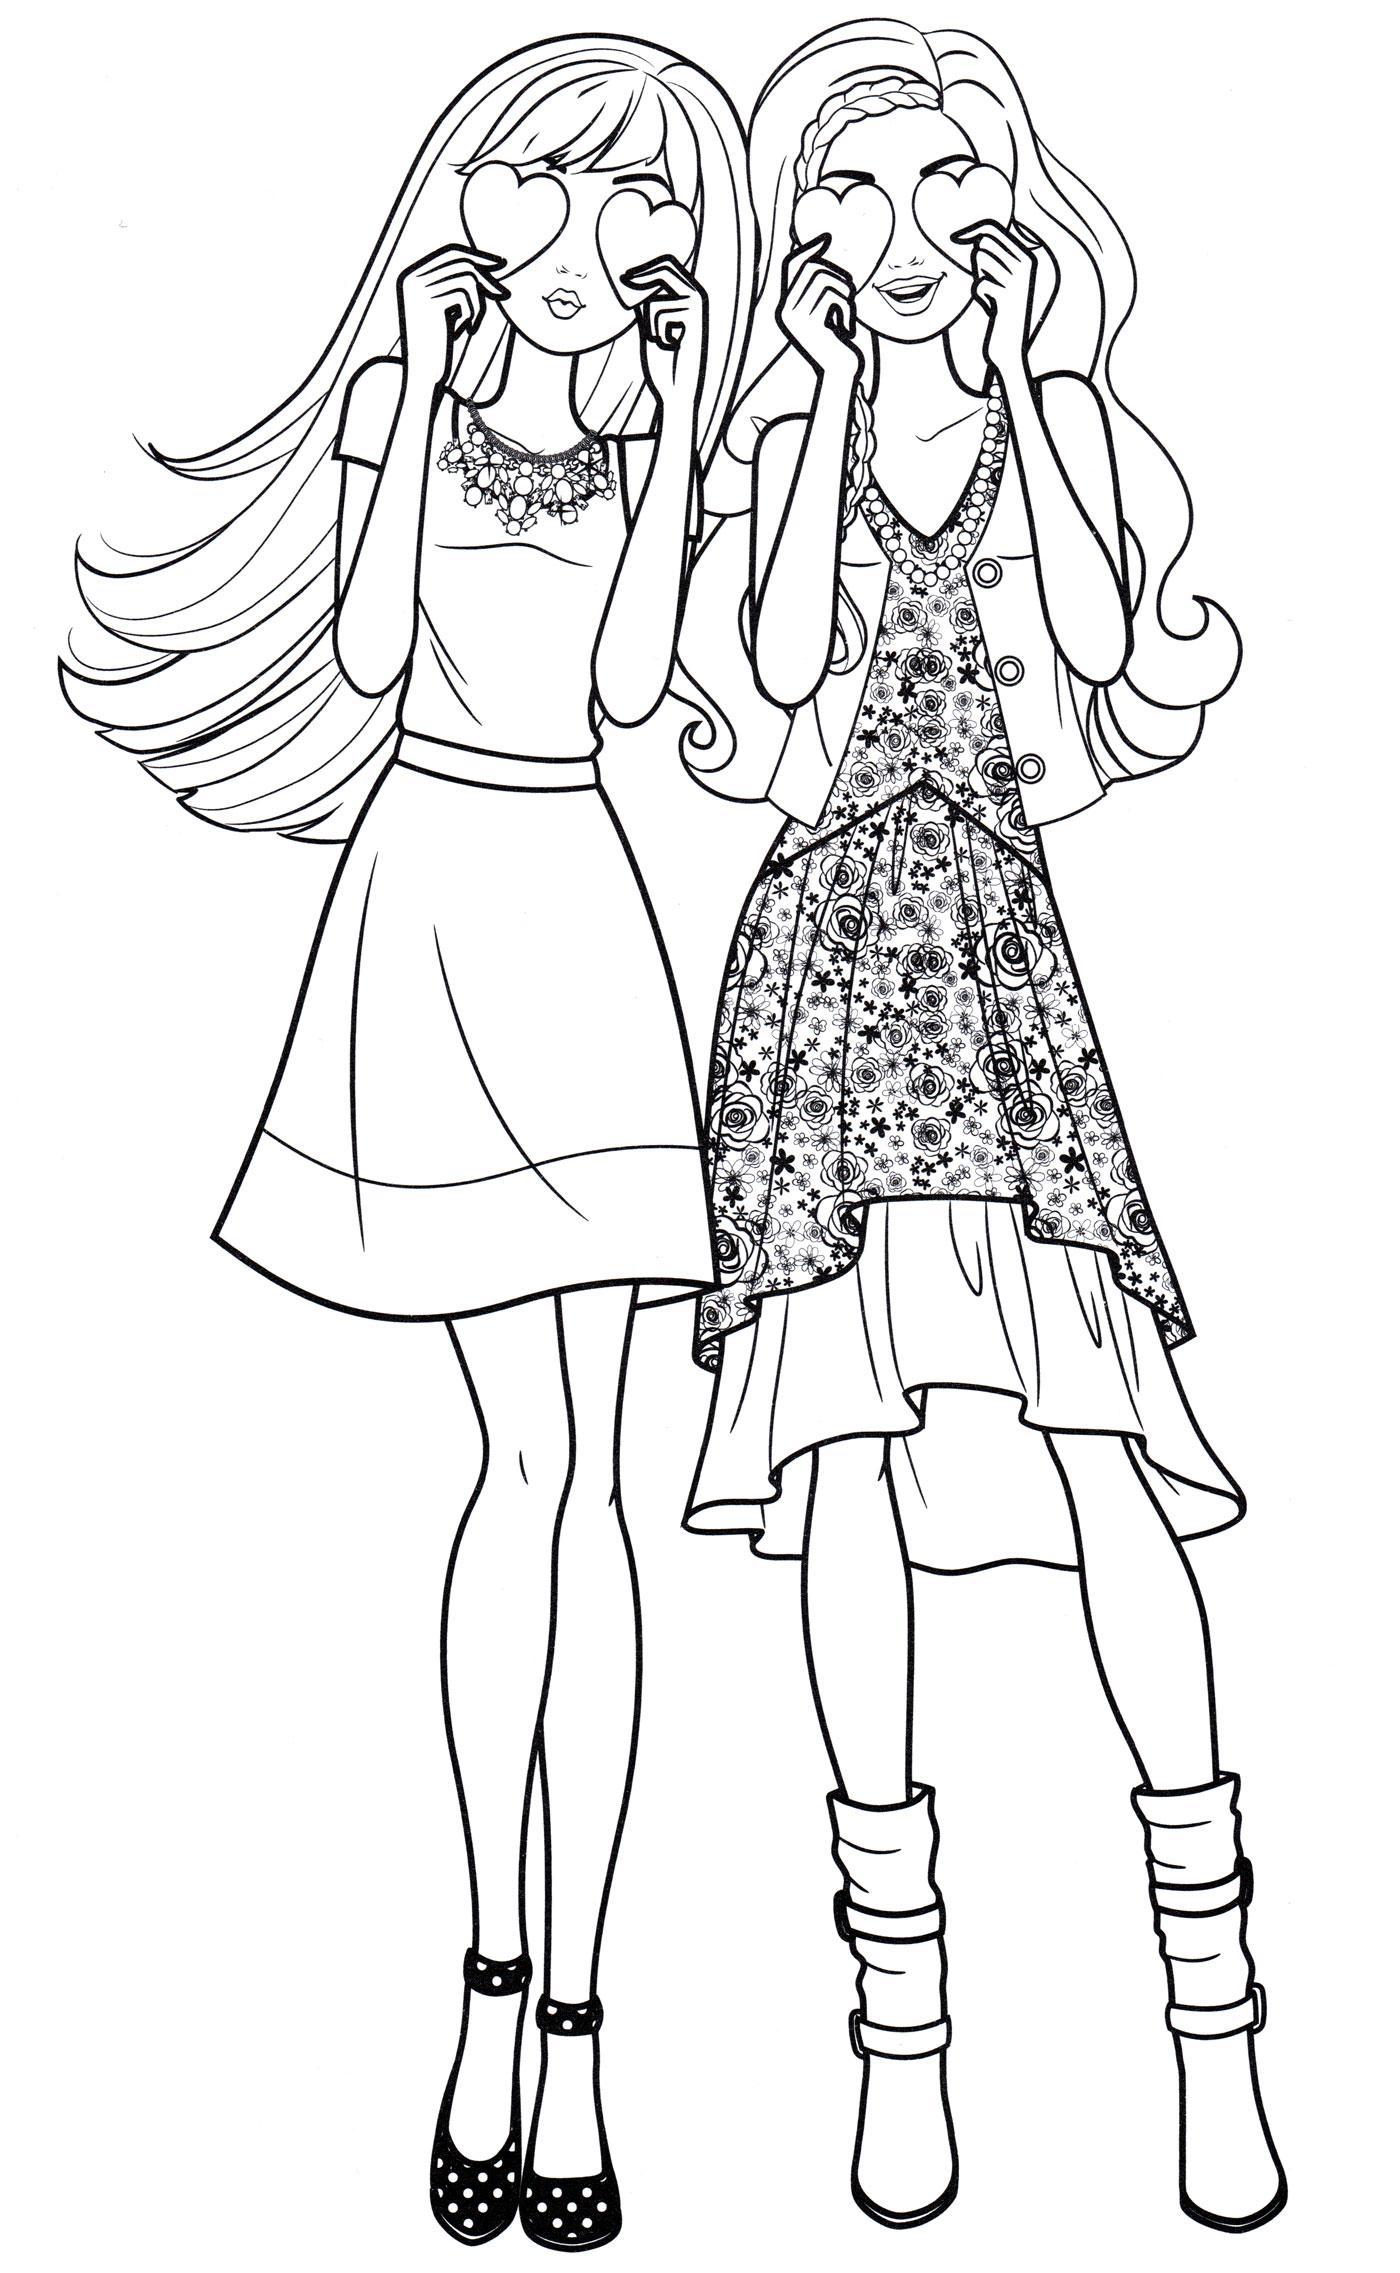 Раскраска Барби в капюшоне, распечатать бесплатно или скачать